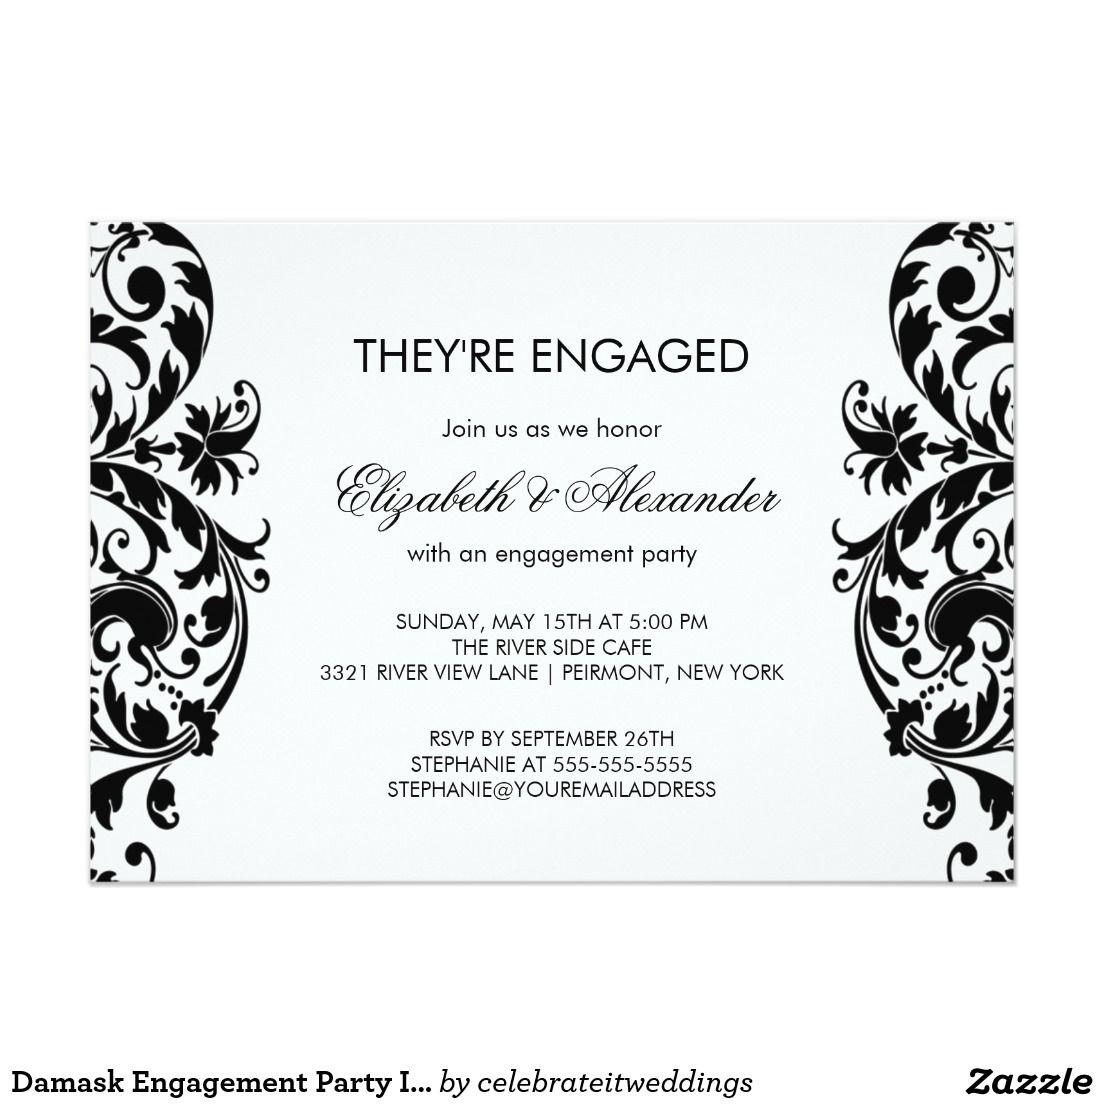 Damask Engagement Party Invitations Black & White | Wedding ...